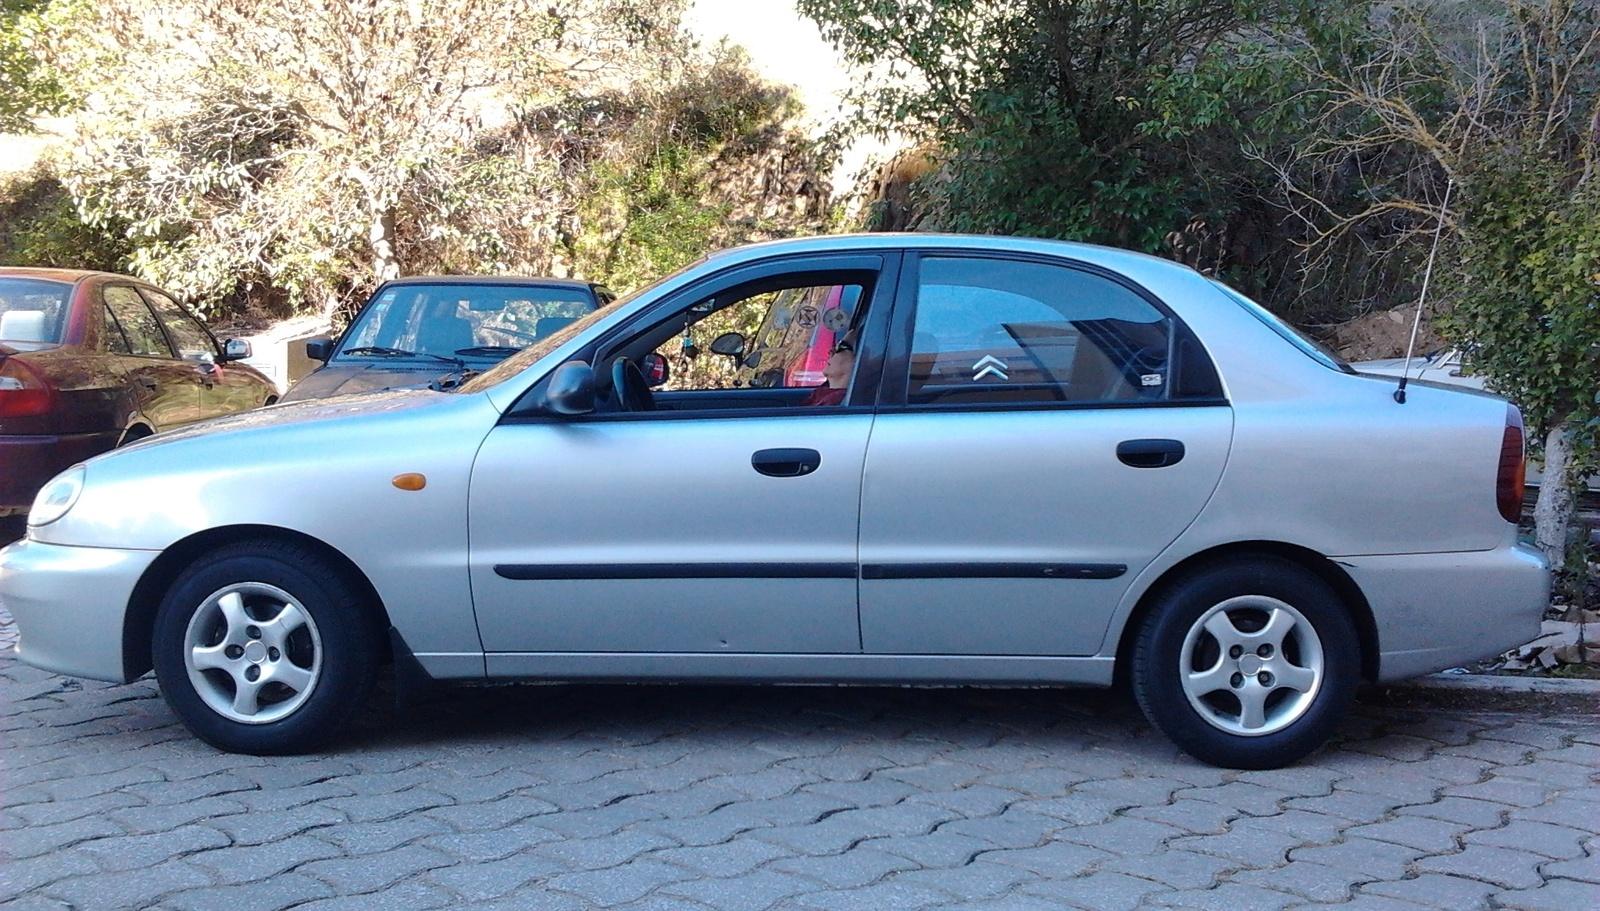 2000 Daewoo Lanos Ignition Wiring Daewoo Cars 2000 Daewoo Lanos Ignition  Wiring